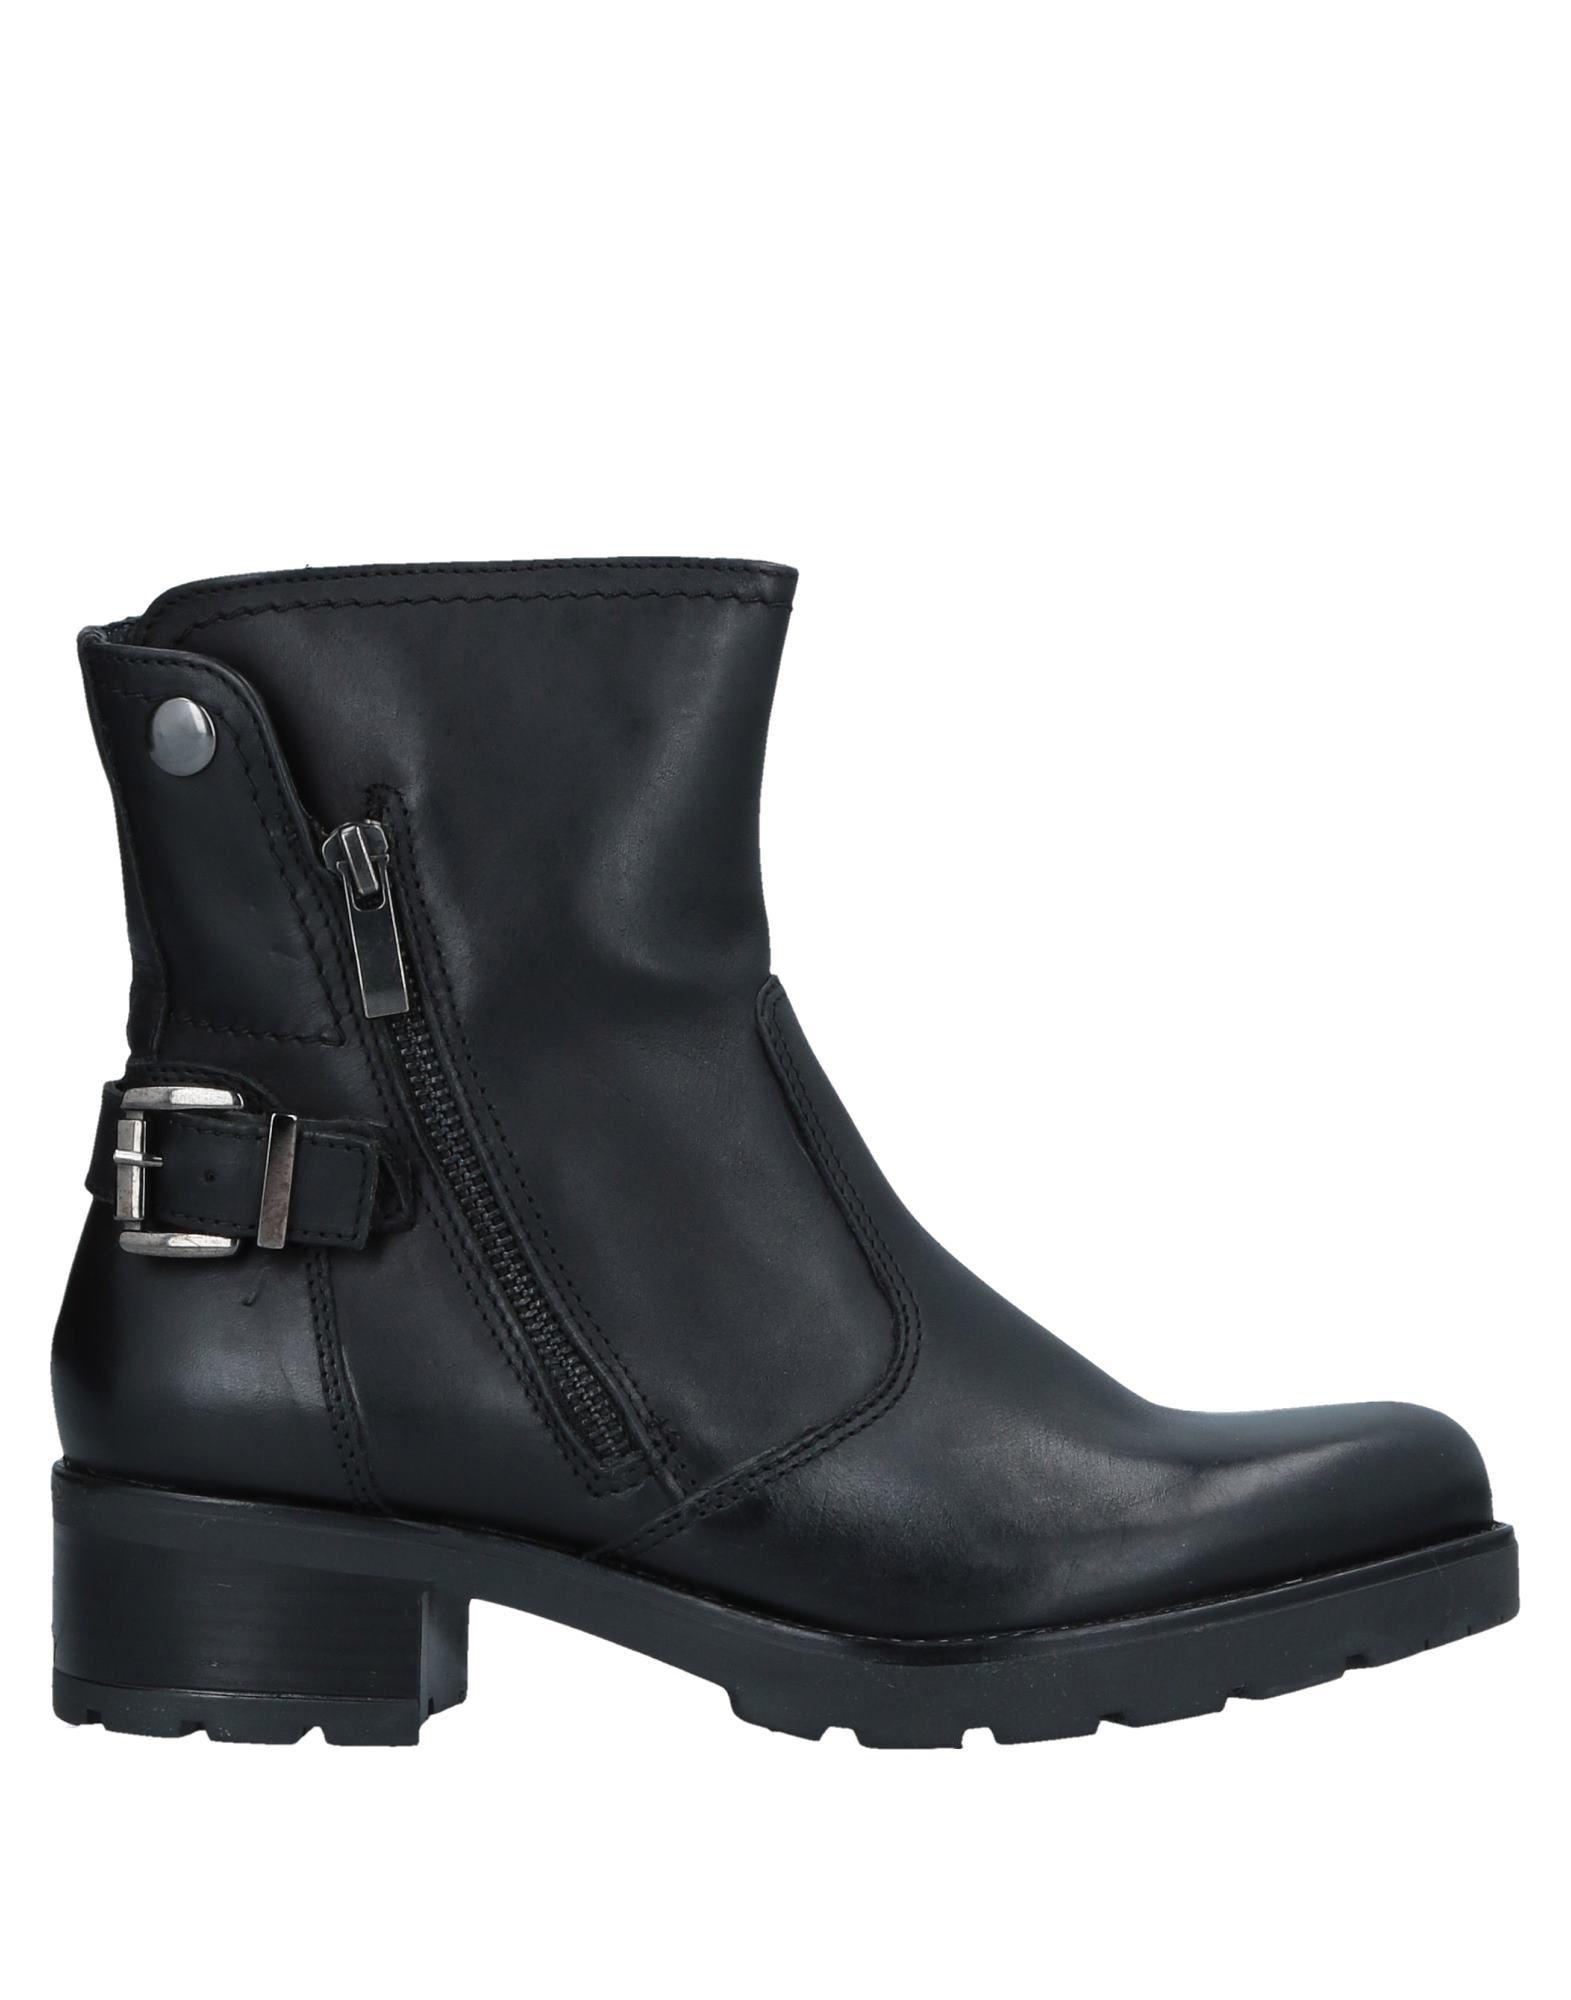 Bottine Primadonna Femme - Bottines Primadonna Noir Chaussures casual sauvages